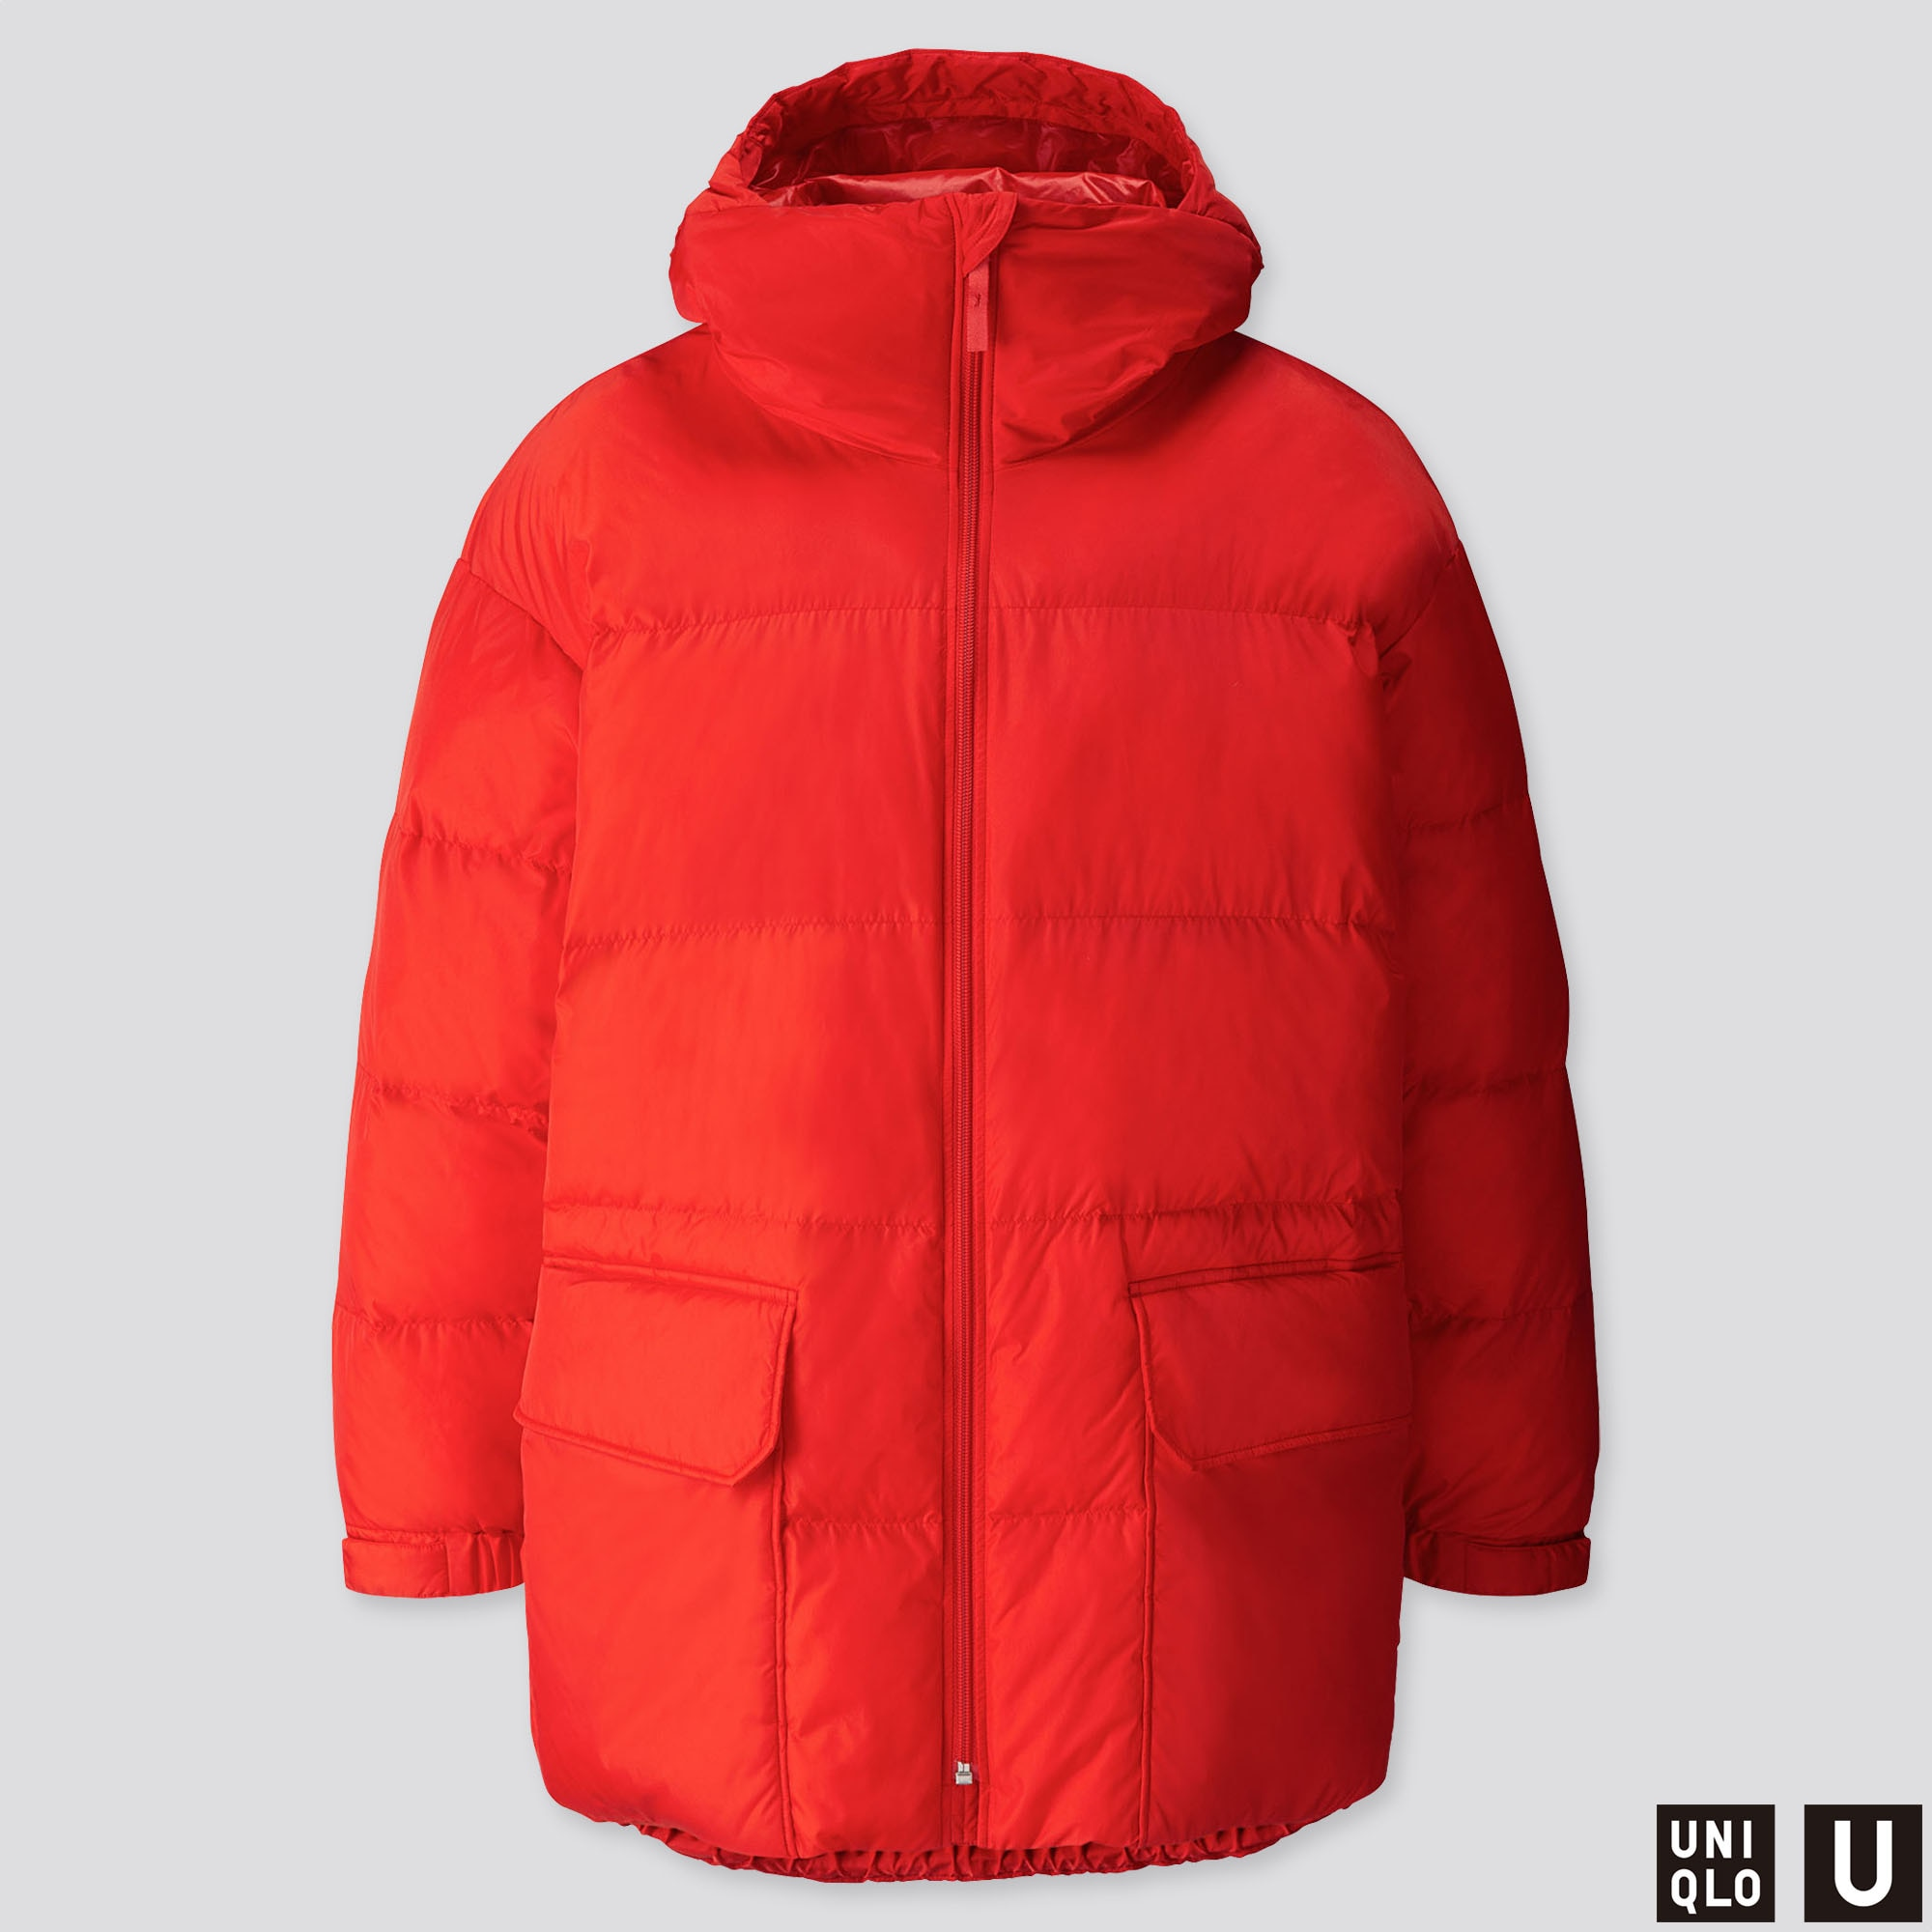 Gefütterter Mantel U Herren Oversized Warm xrdoBWCe